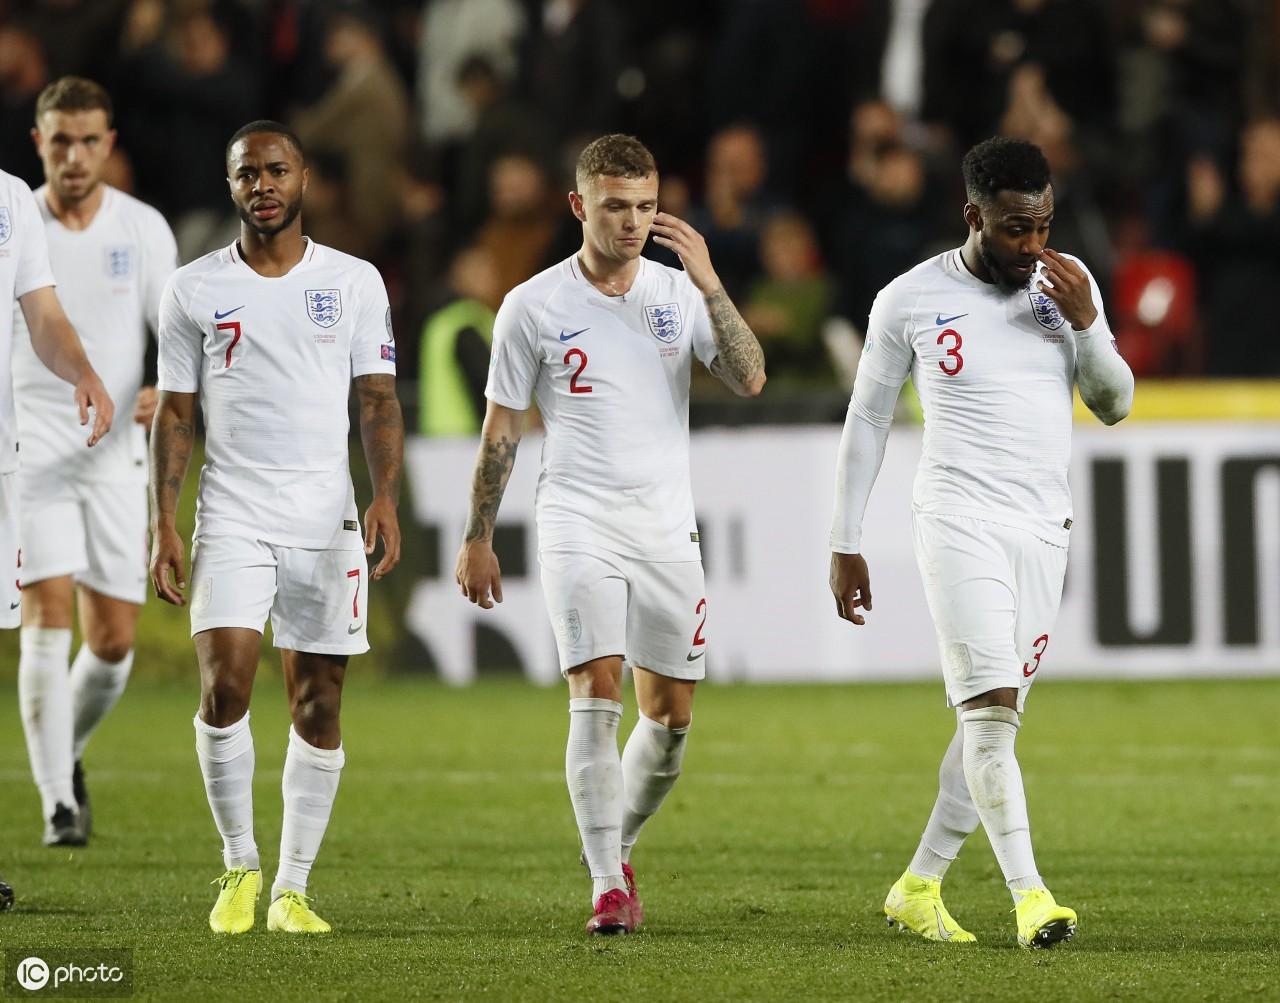 在布拉格辛诺博体育场举行的欧洲杯2020年资格赛英格兰队与捷克队